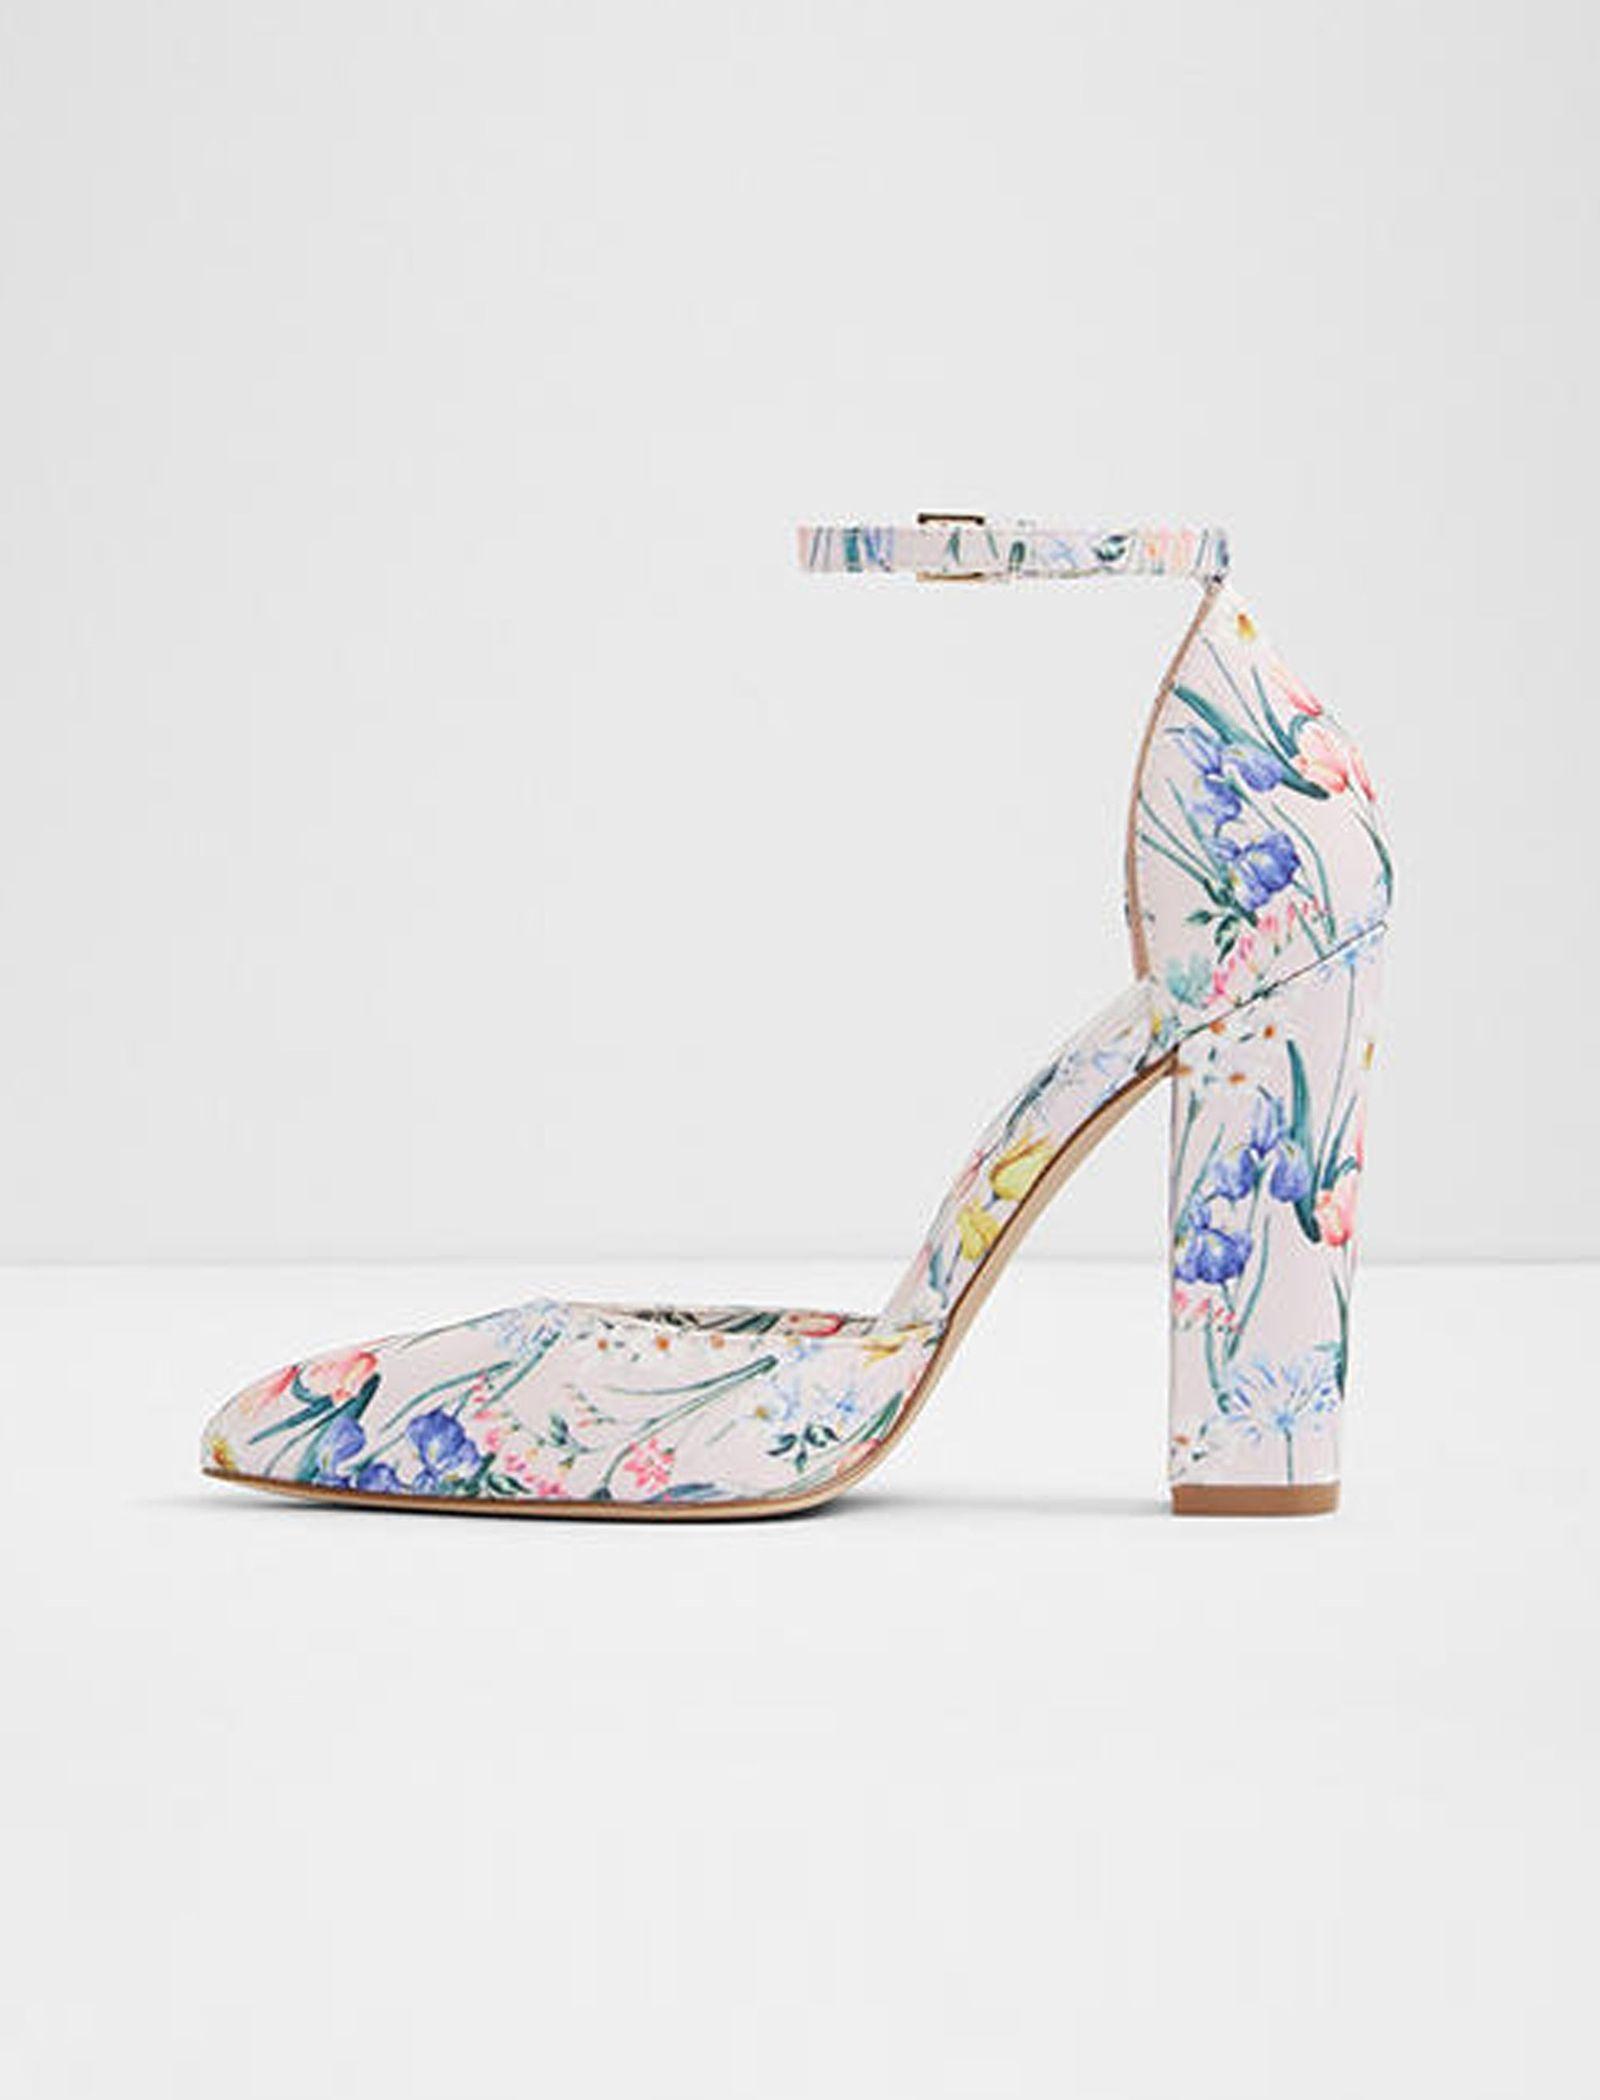 کفش پاشنه بلند زنانه - آلدو - صورتي روشن - 3